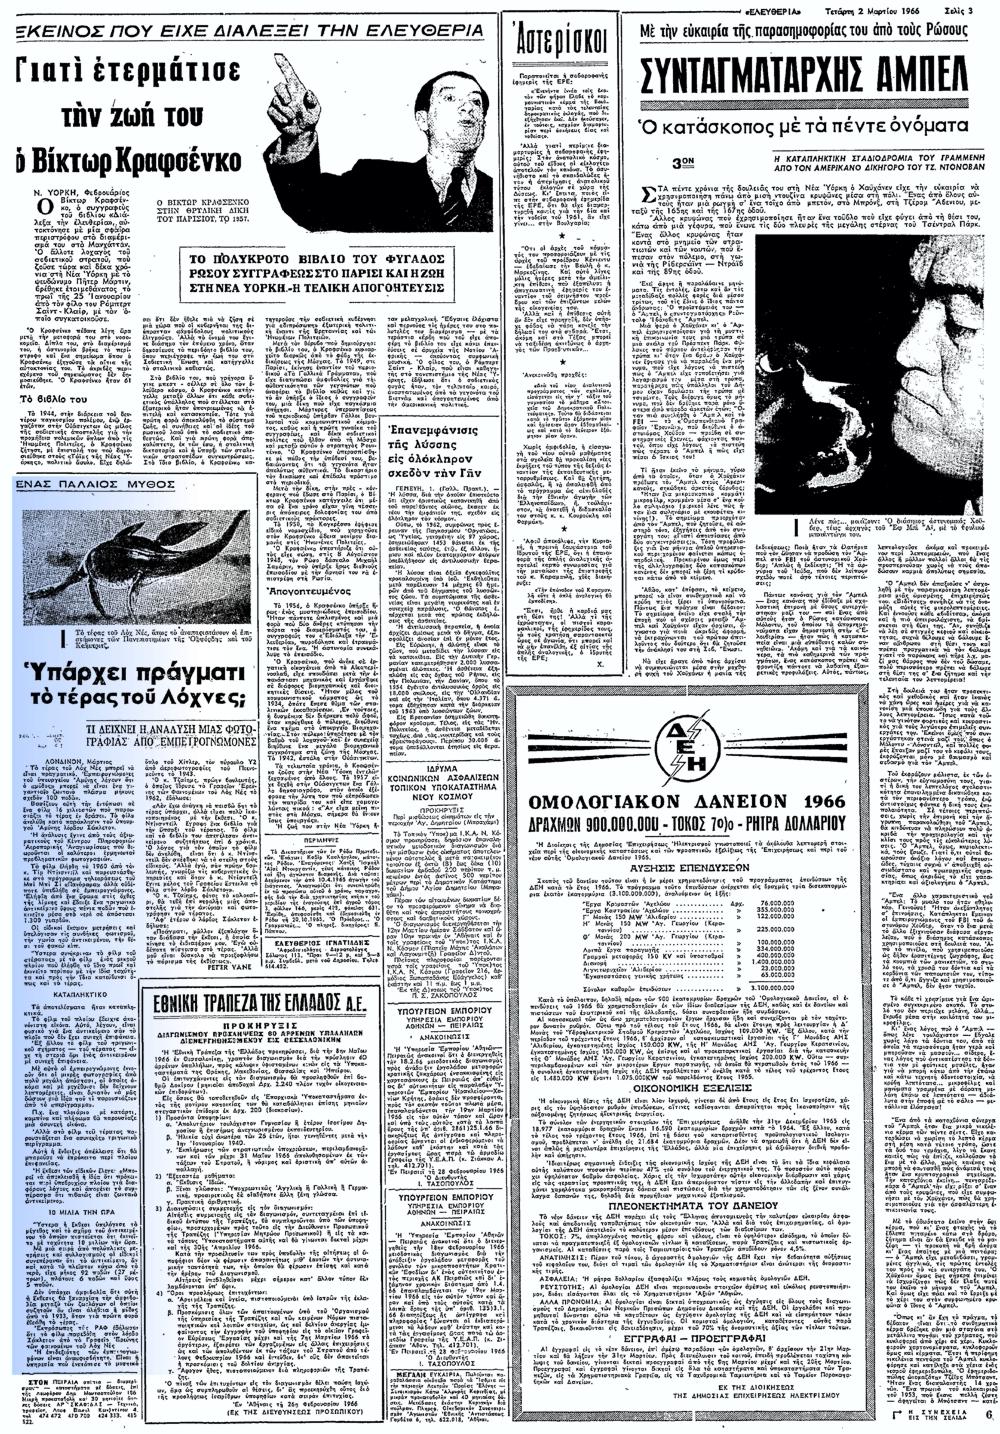 """Το άρθρο, όπως δημοσιεύθηκε στην εφημερίδα """"ΕΛΕΥΘΕΡΙΑ"""", στις 02/03/1966"""